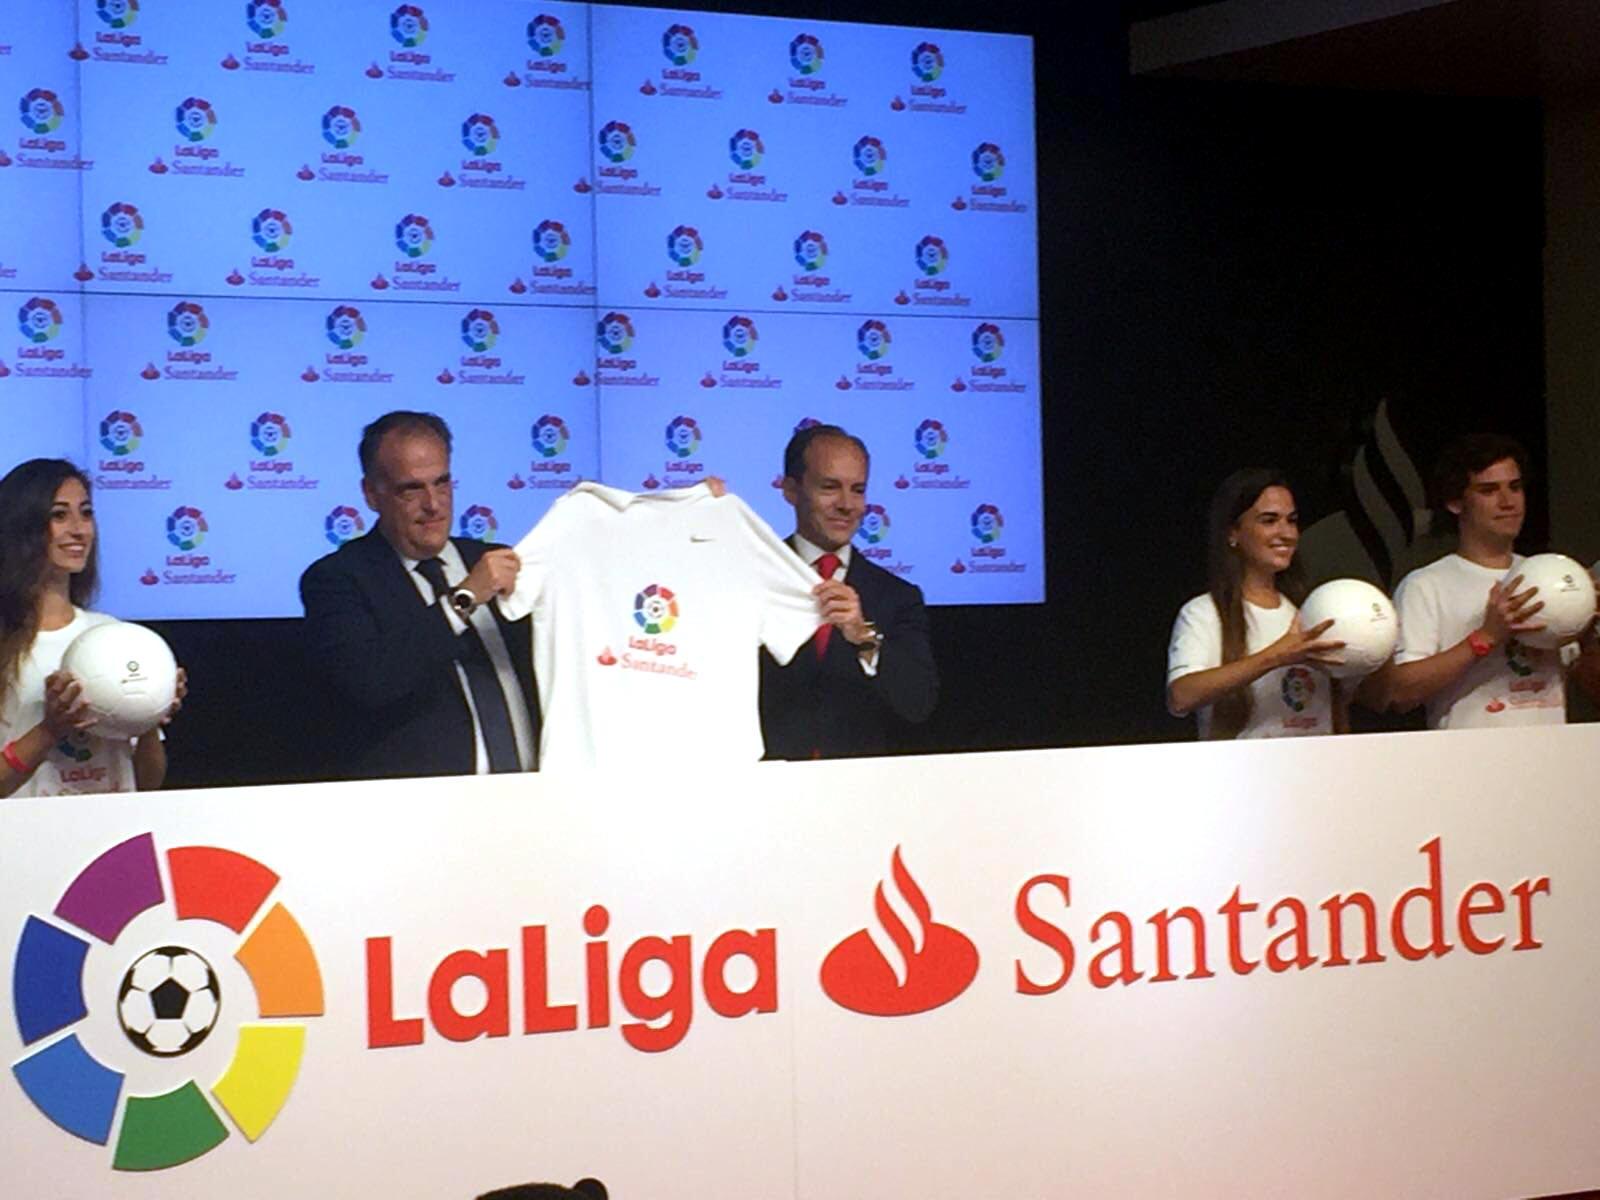 zweite spanische liga